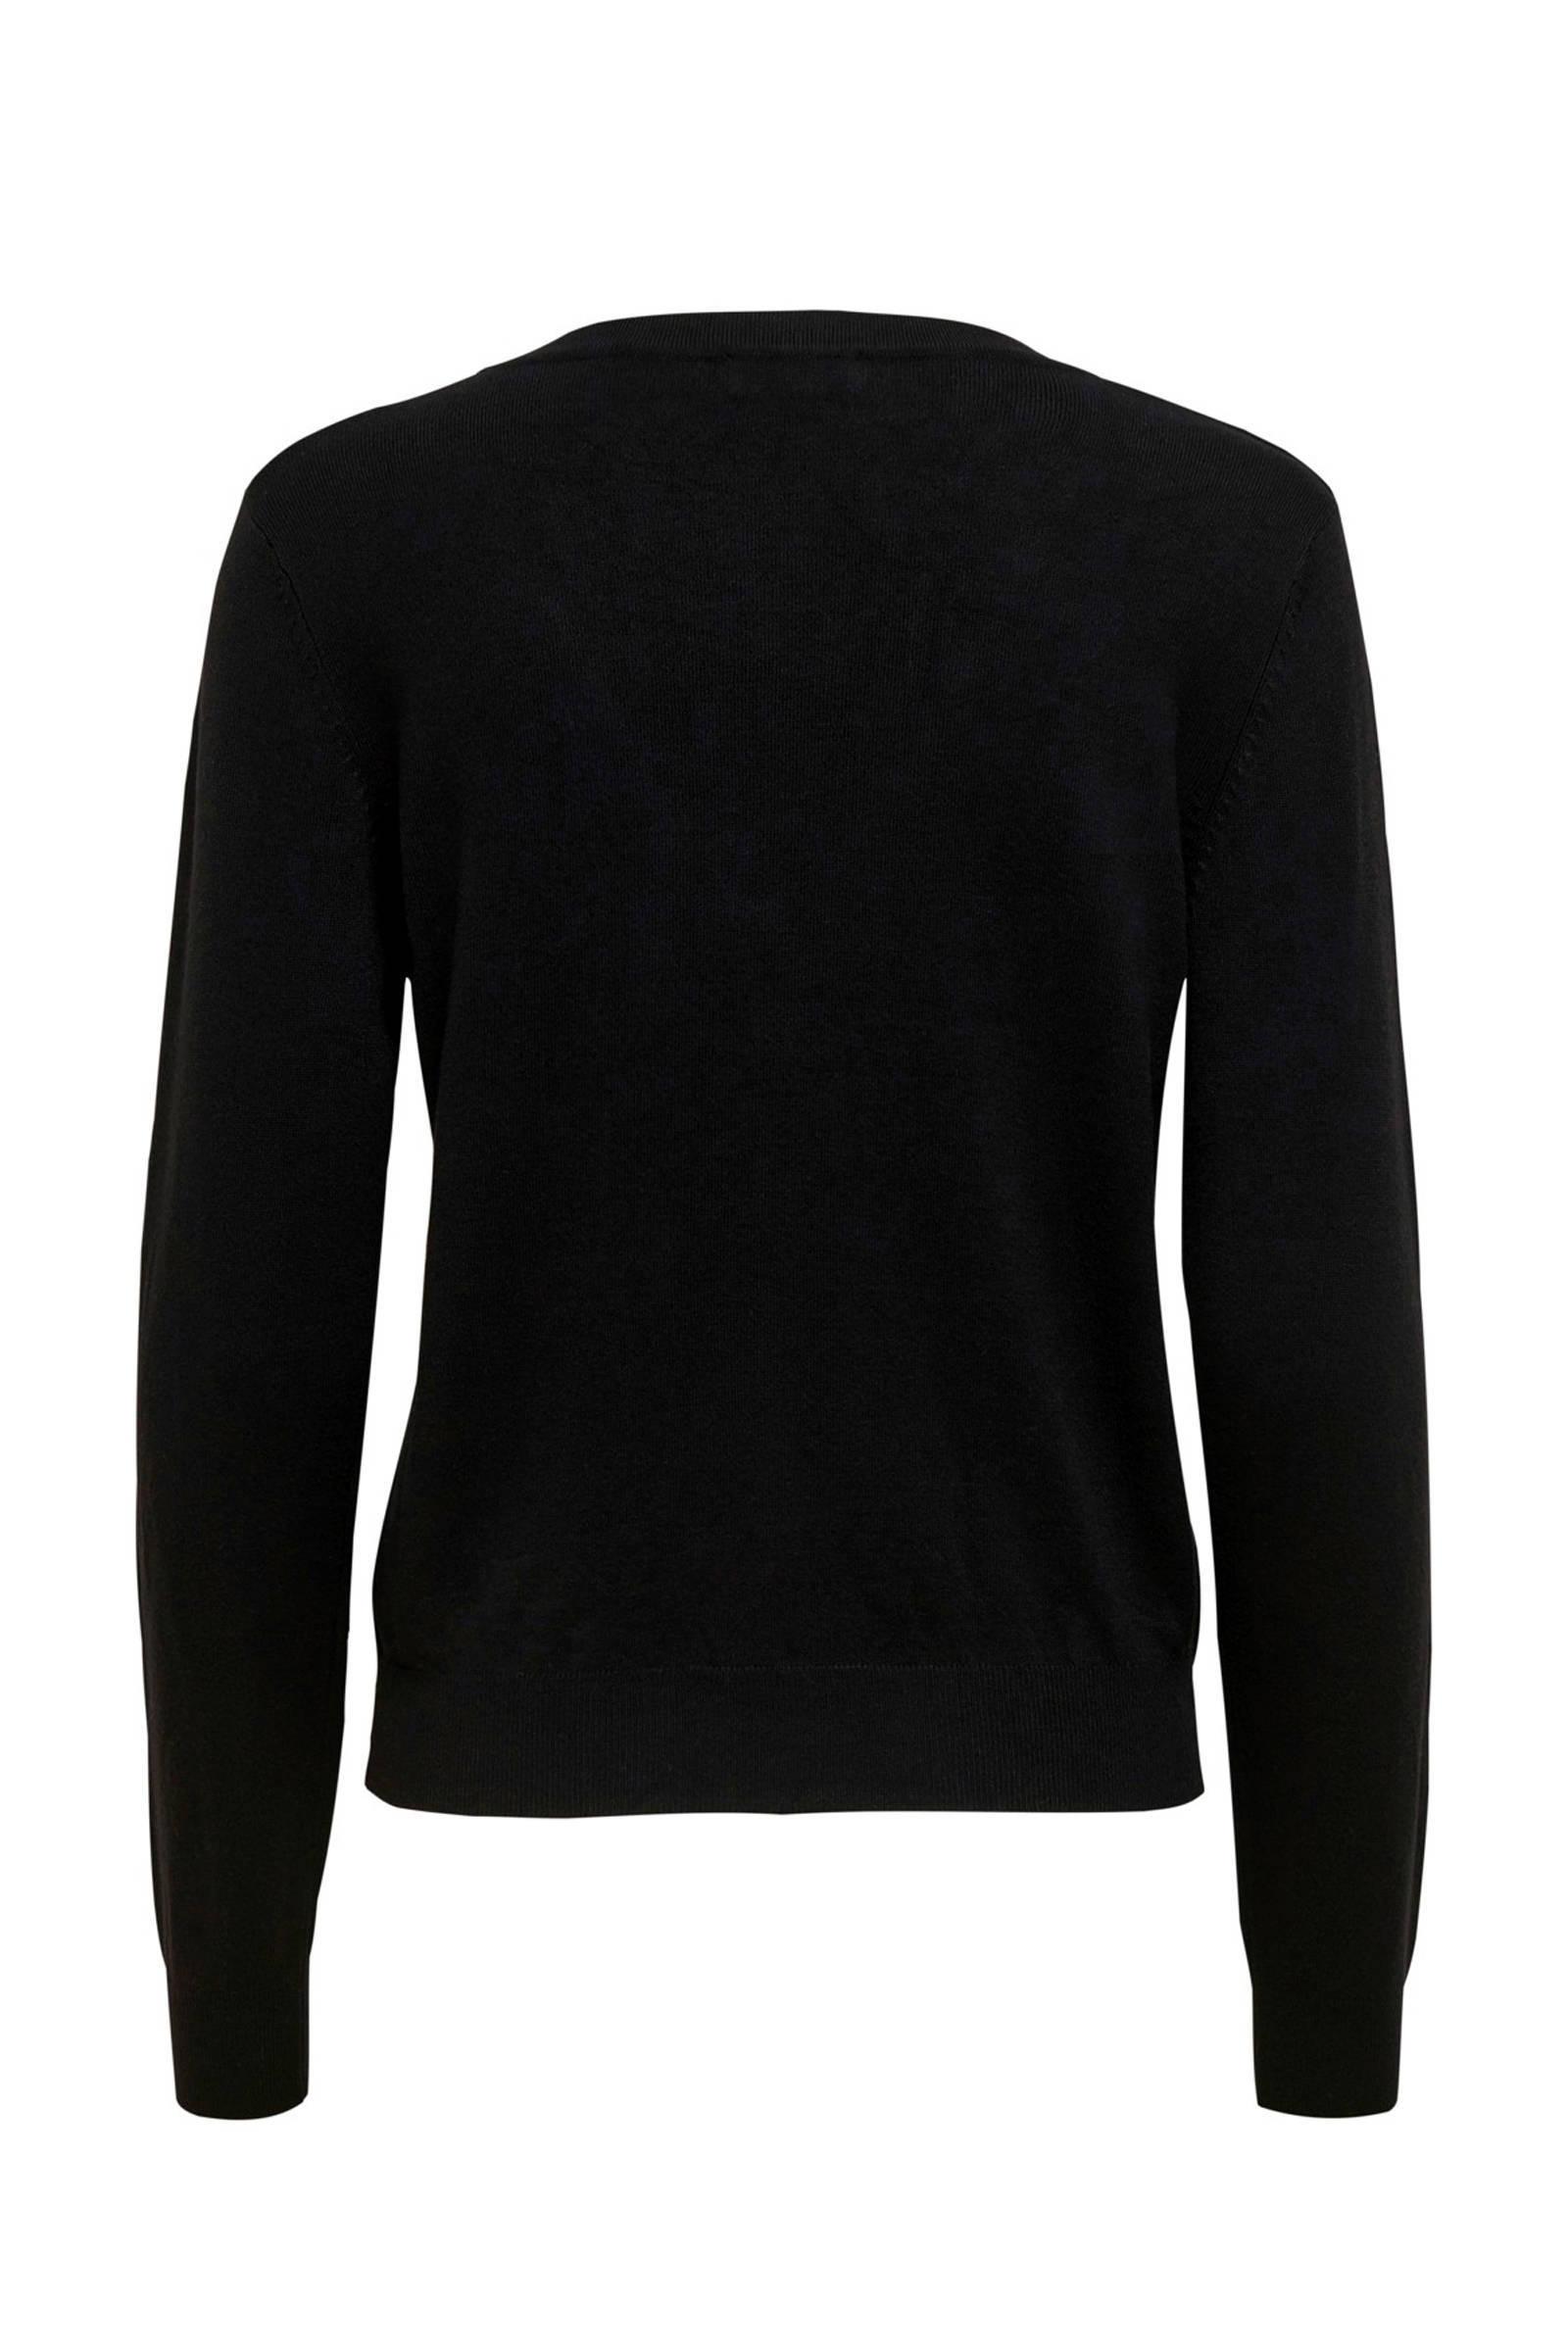 JACQUELINE DE YONG vest zwart